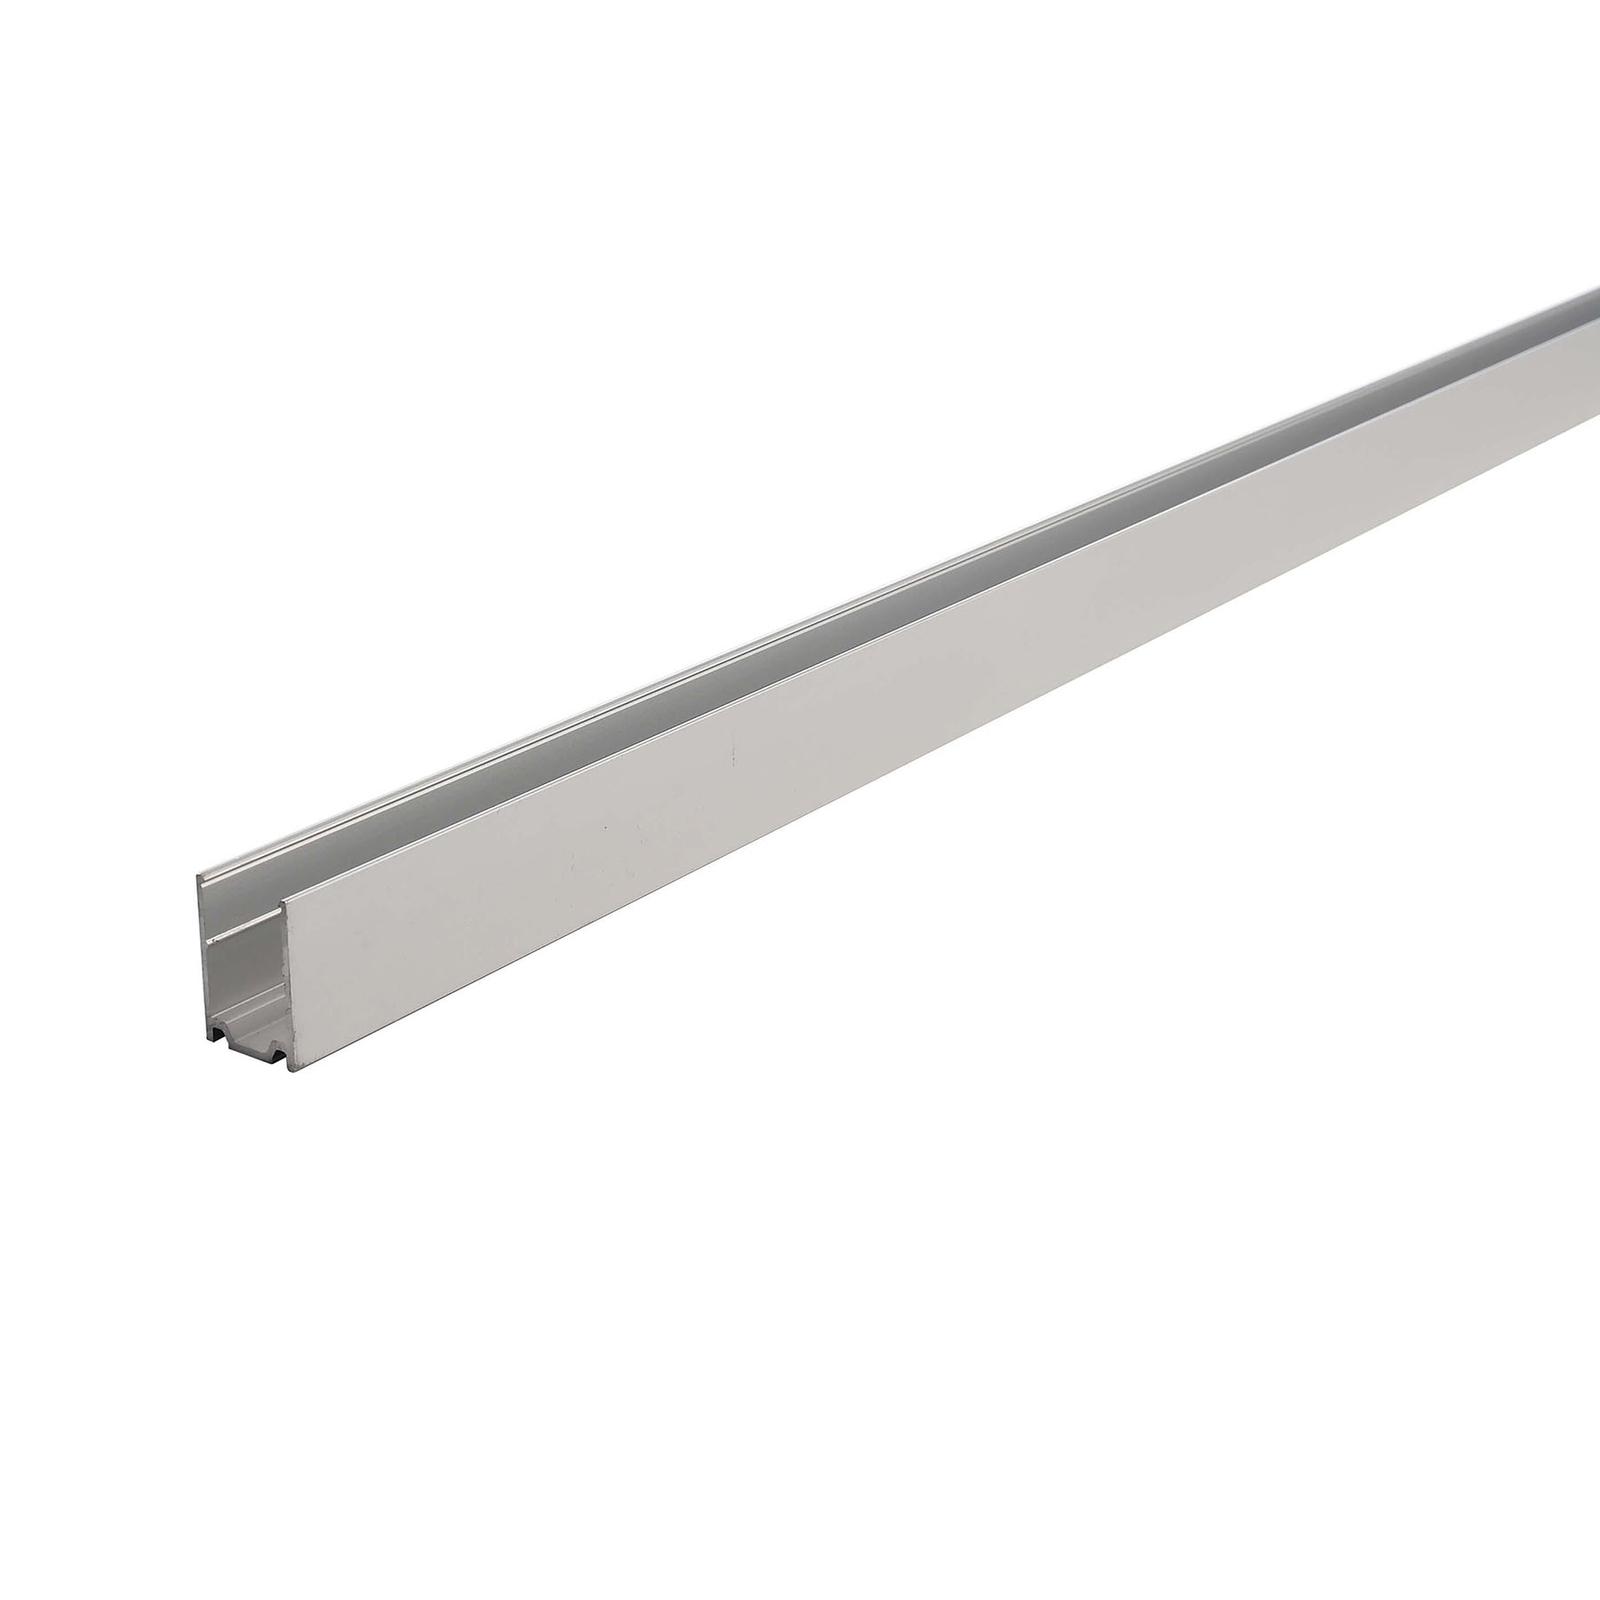 Aluprofil D Flex Line Side View für LED-Strip 1m